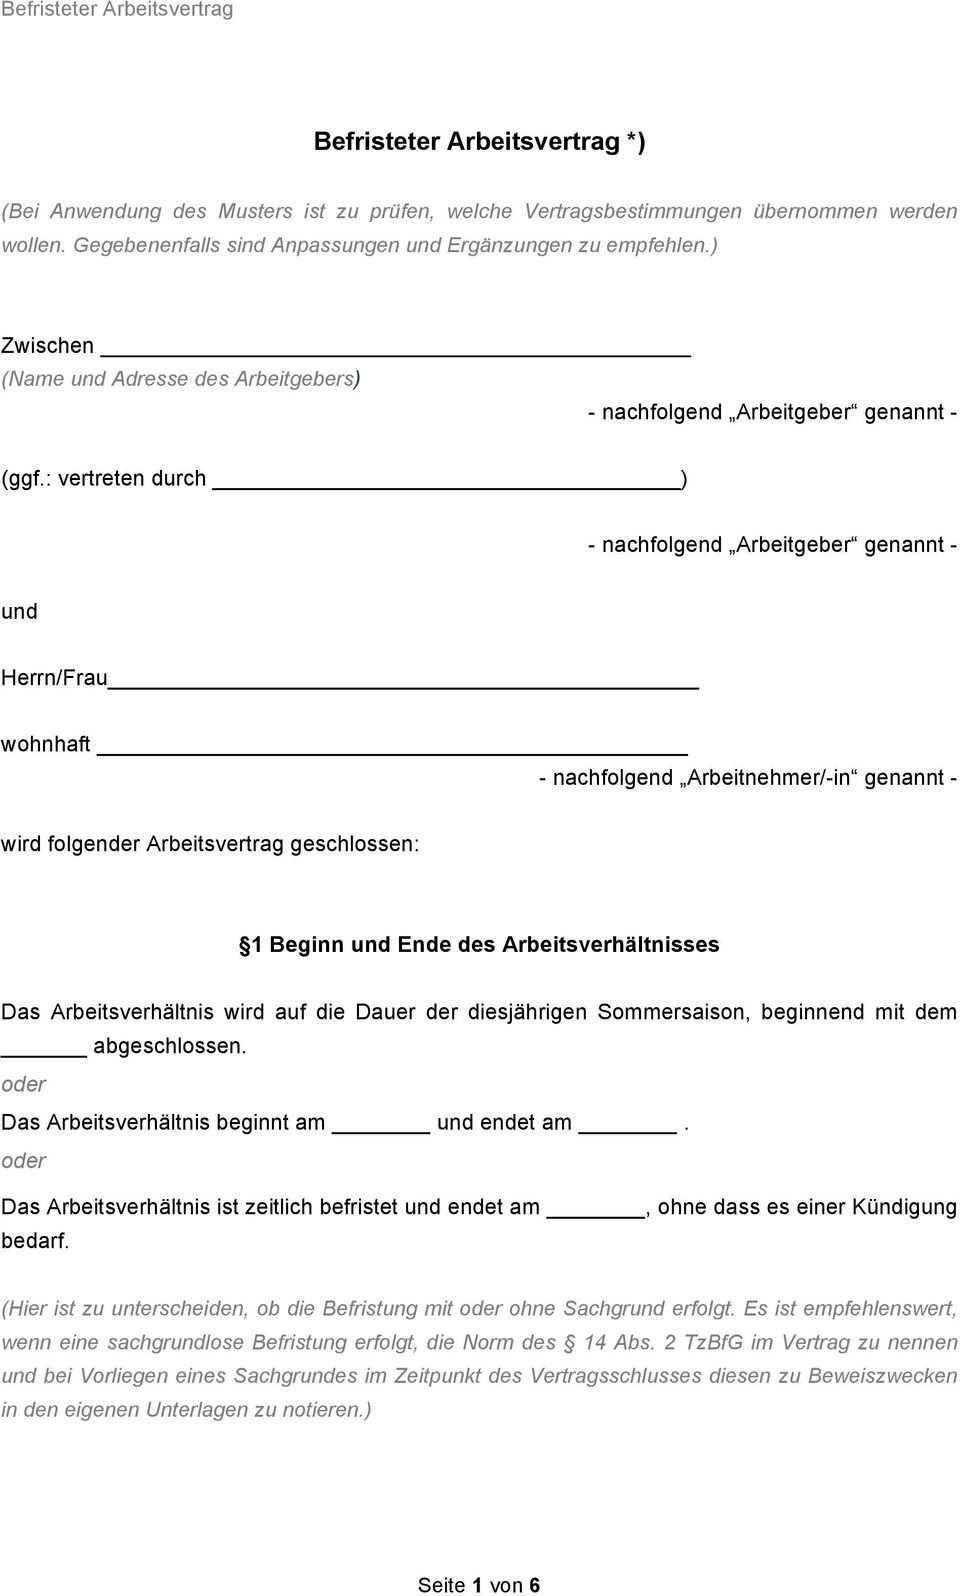 Befristeter Arbeitsvertrag Pdf Kostenfreier Download